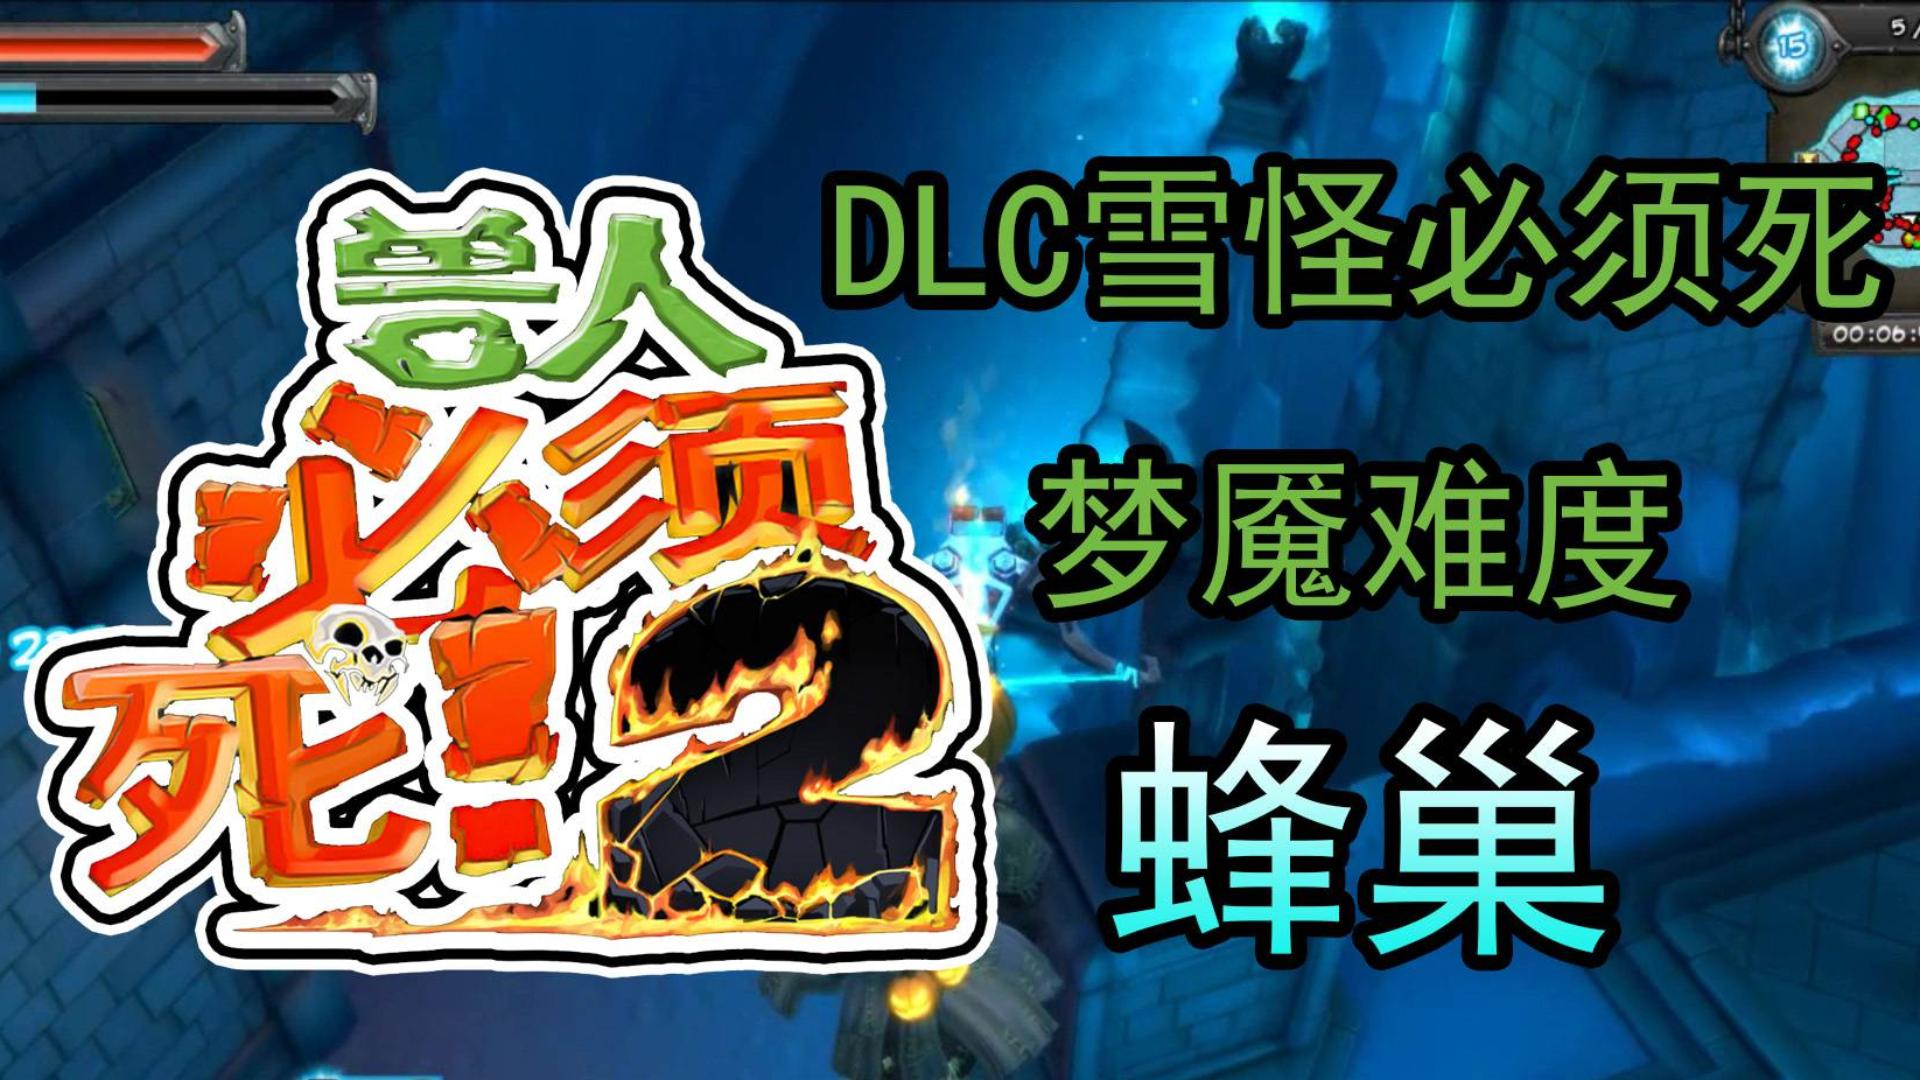 【帕西】兽人必须死二代 第57期 DLC雪怪必须死 P5